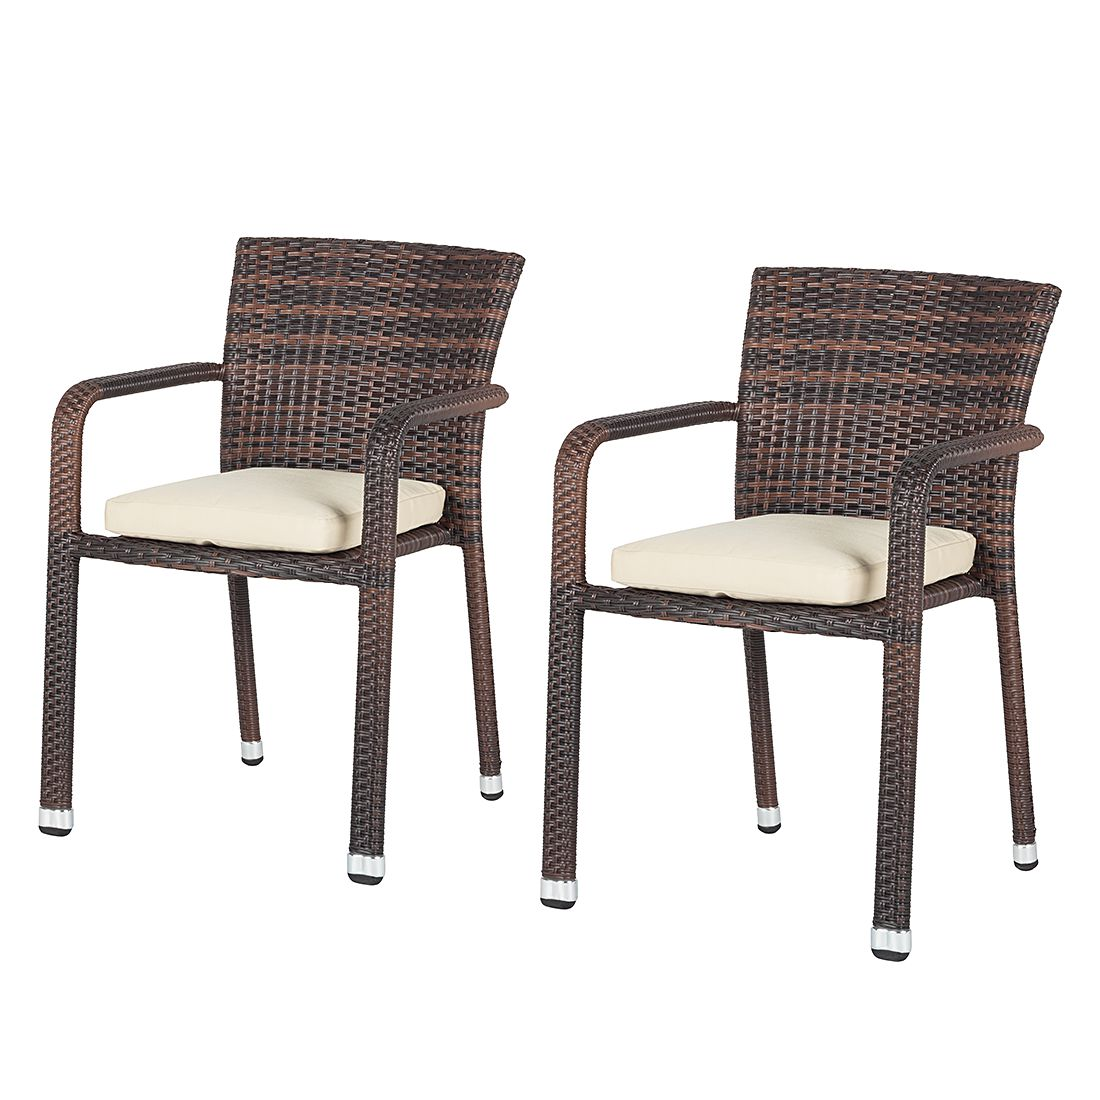 gartenstuhl breit preisvergleich die besten angebote online kaufen. Black Bedroom Furniture Sets. Home Design Ideas